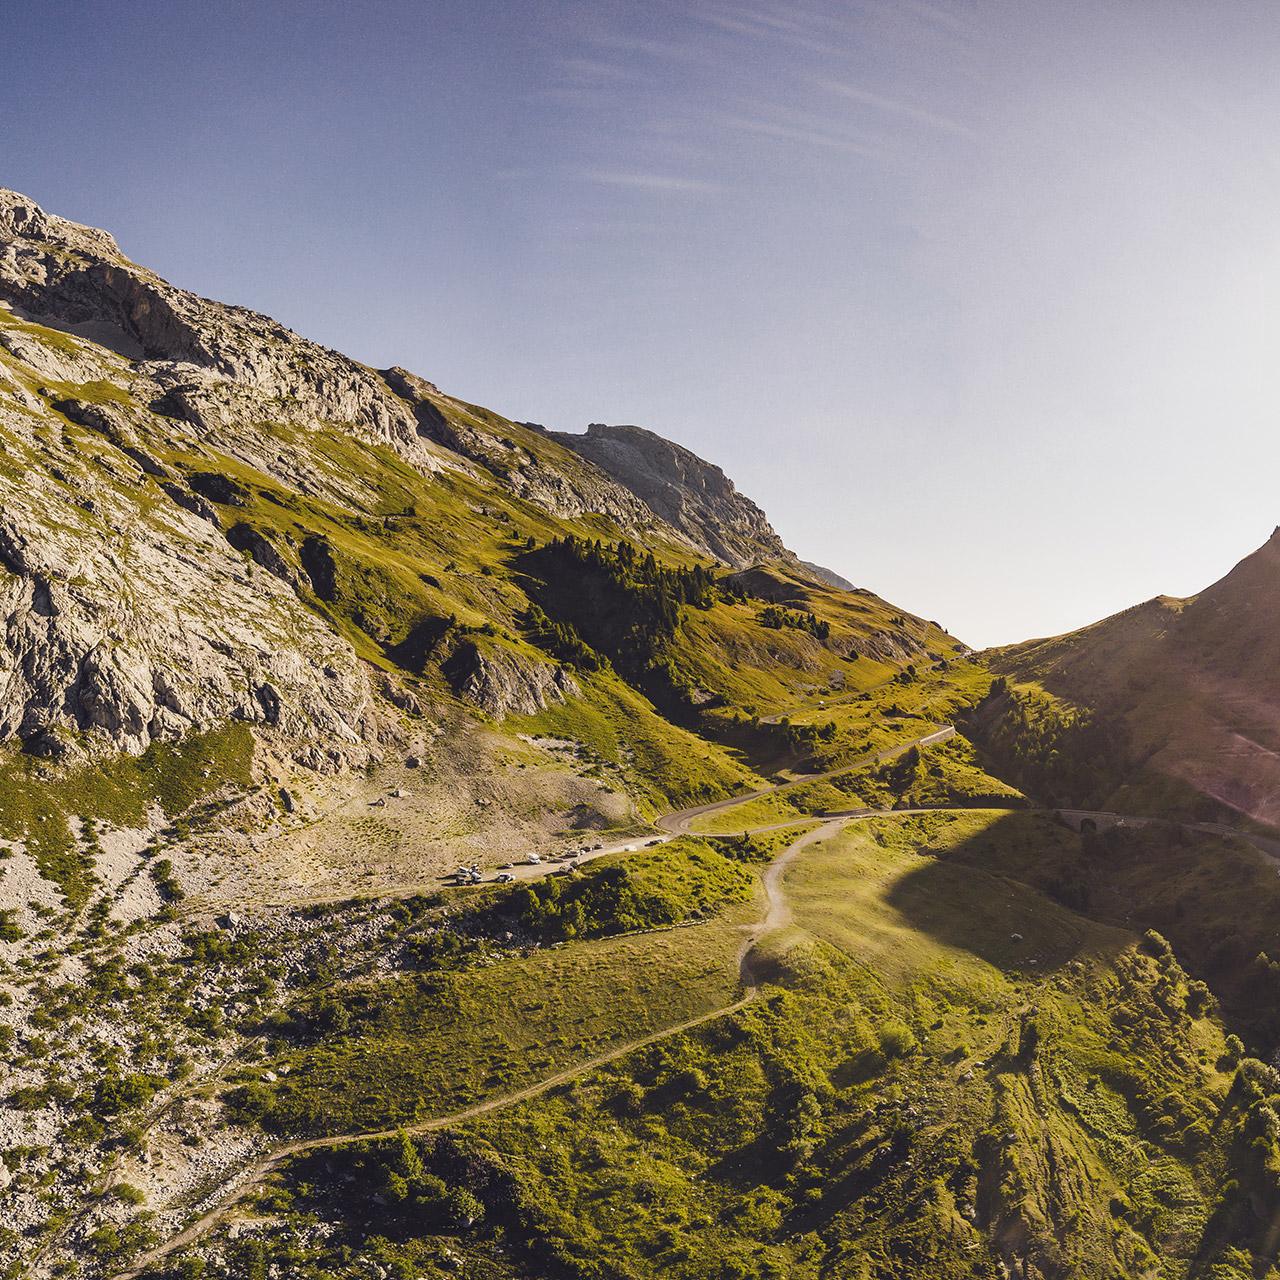 e18-pano000177-col-de-la-colombiere-c-cattin-alpcat-medias-le-grand-bornand-1-231380 - © © C. Cattin - Alpcat Médias